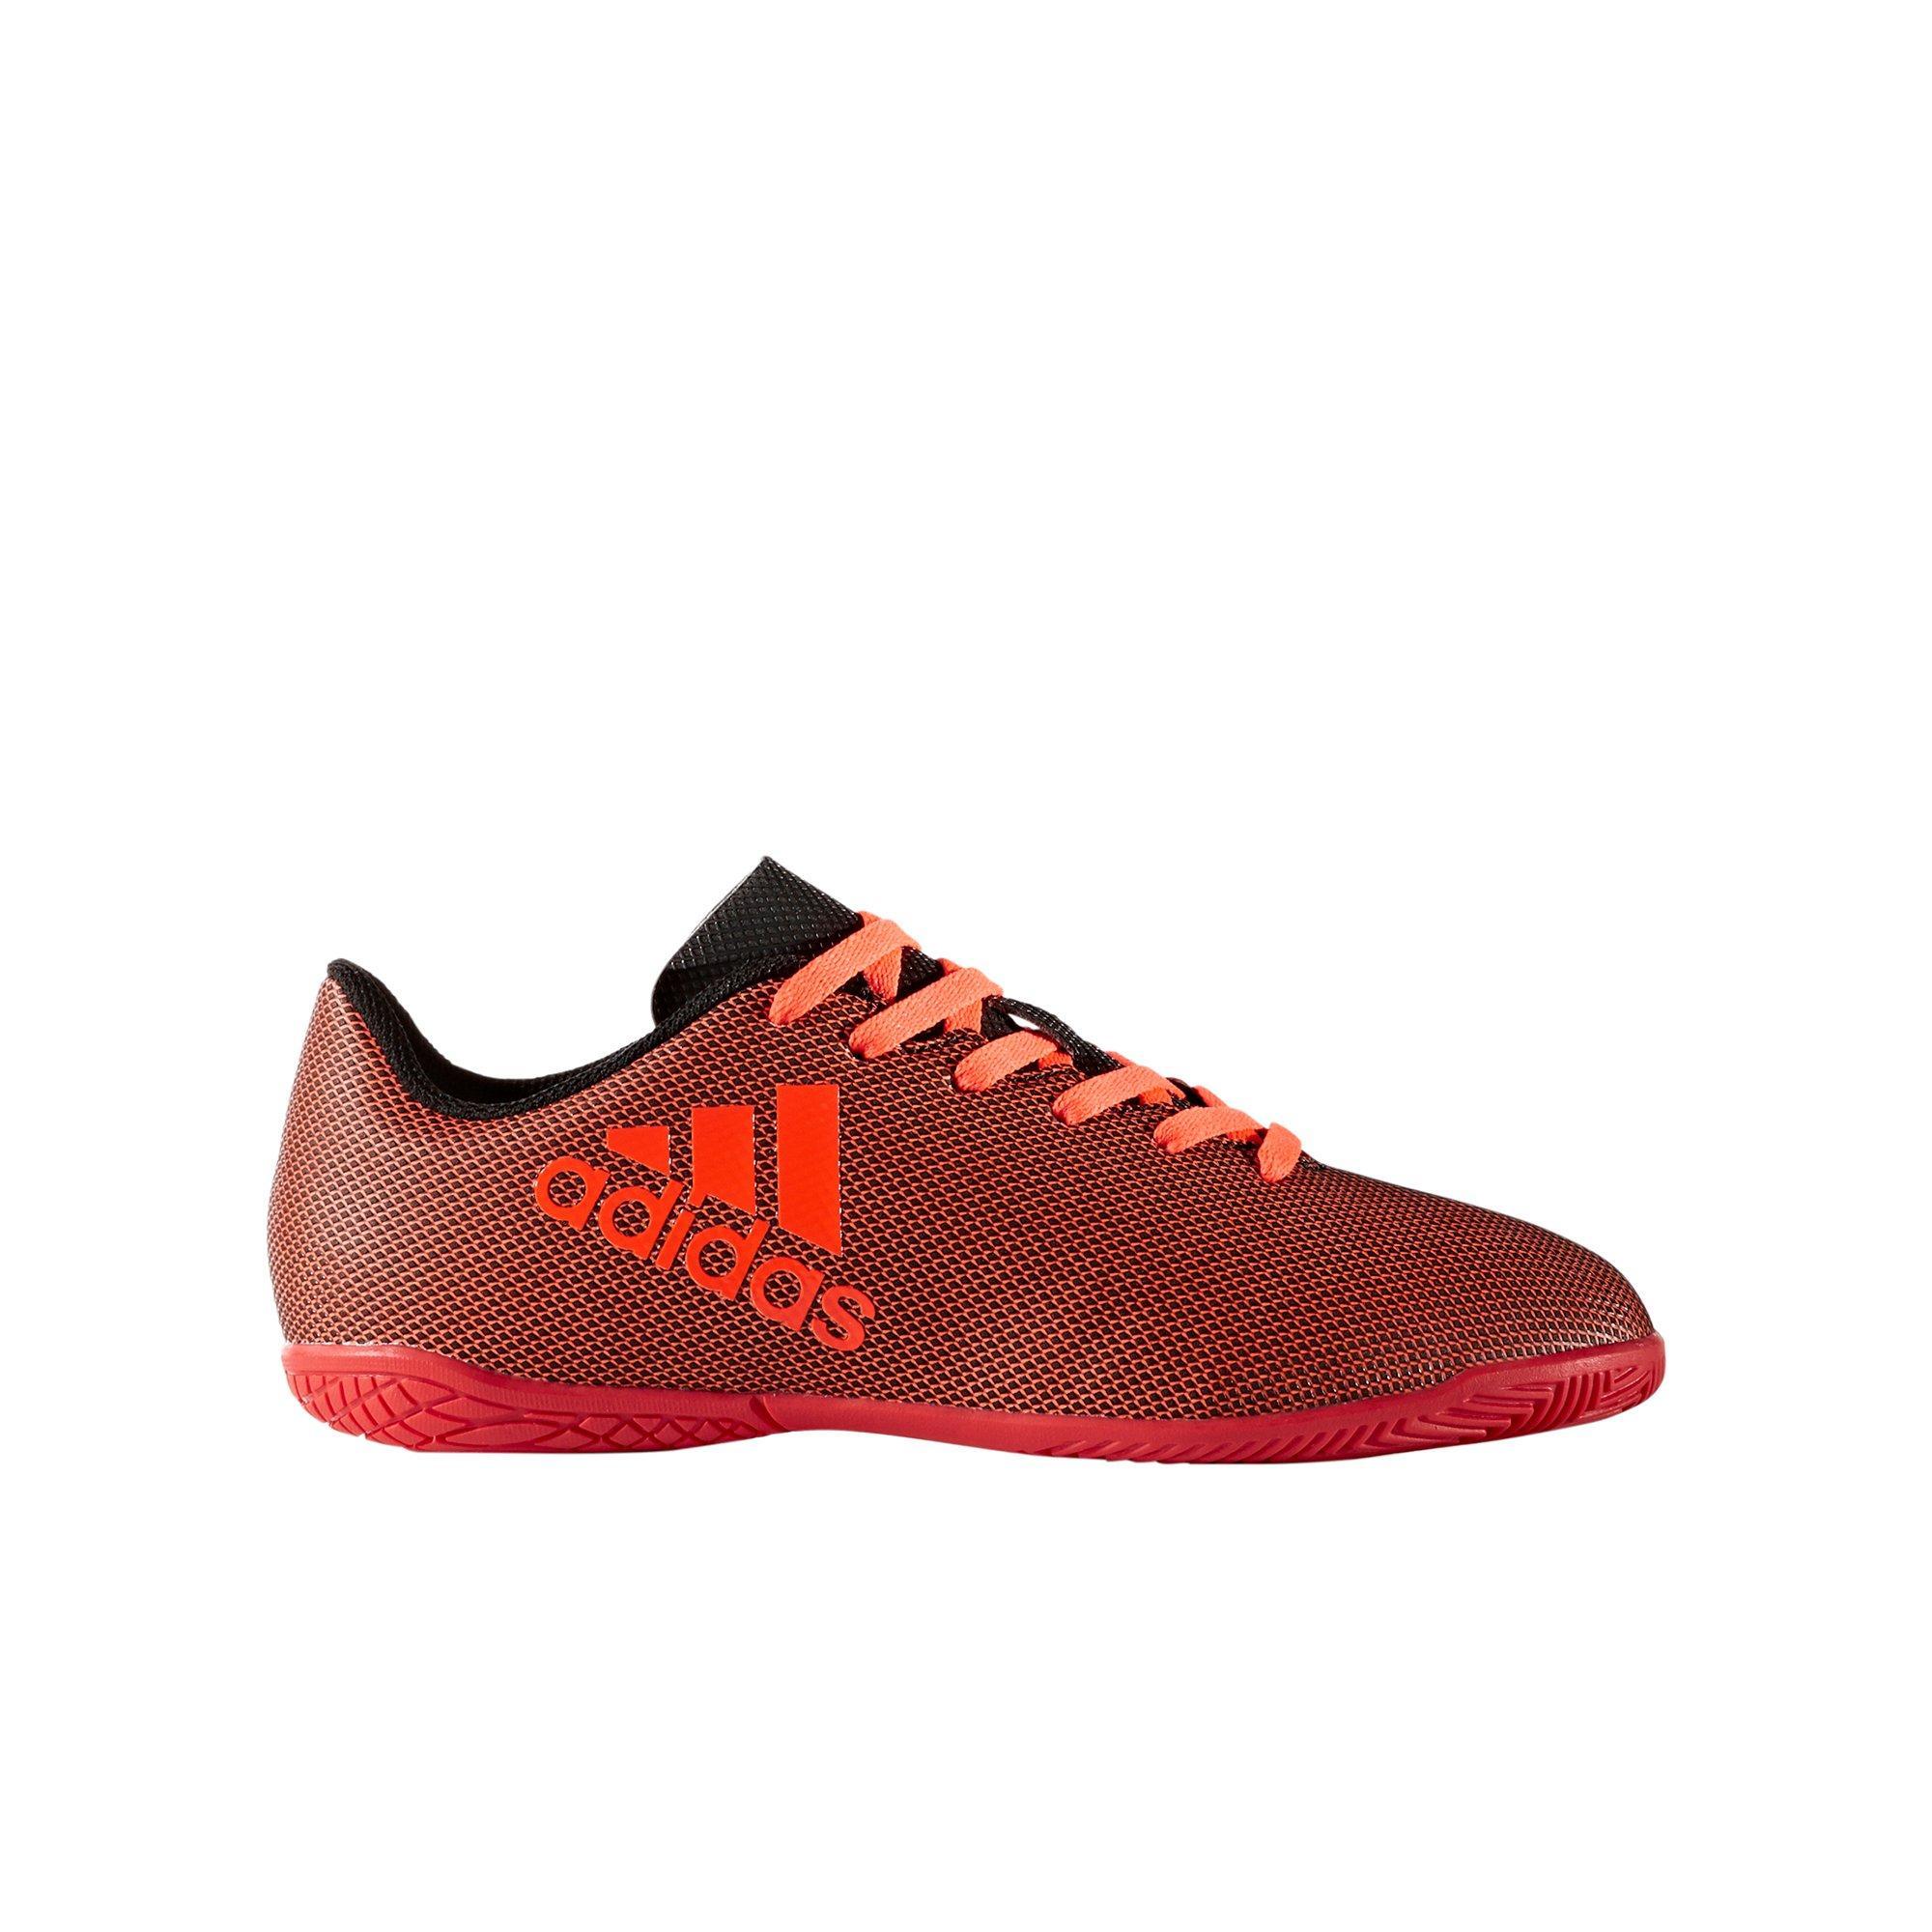 adidas X 17.4 Grade School Kids\u0027 Indoor Soccer Shoe - Main Container Image 1